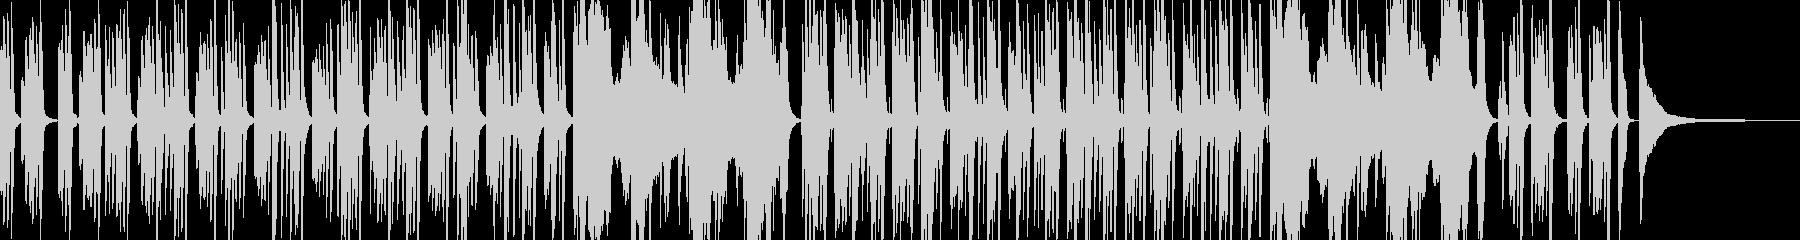 【ピアノ】日常の謎・ミステリーのBGMの未再生の波形